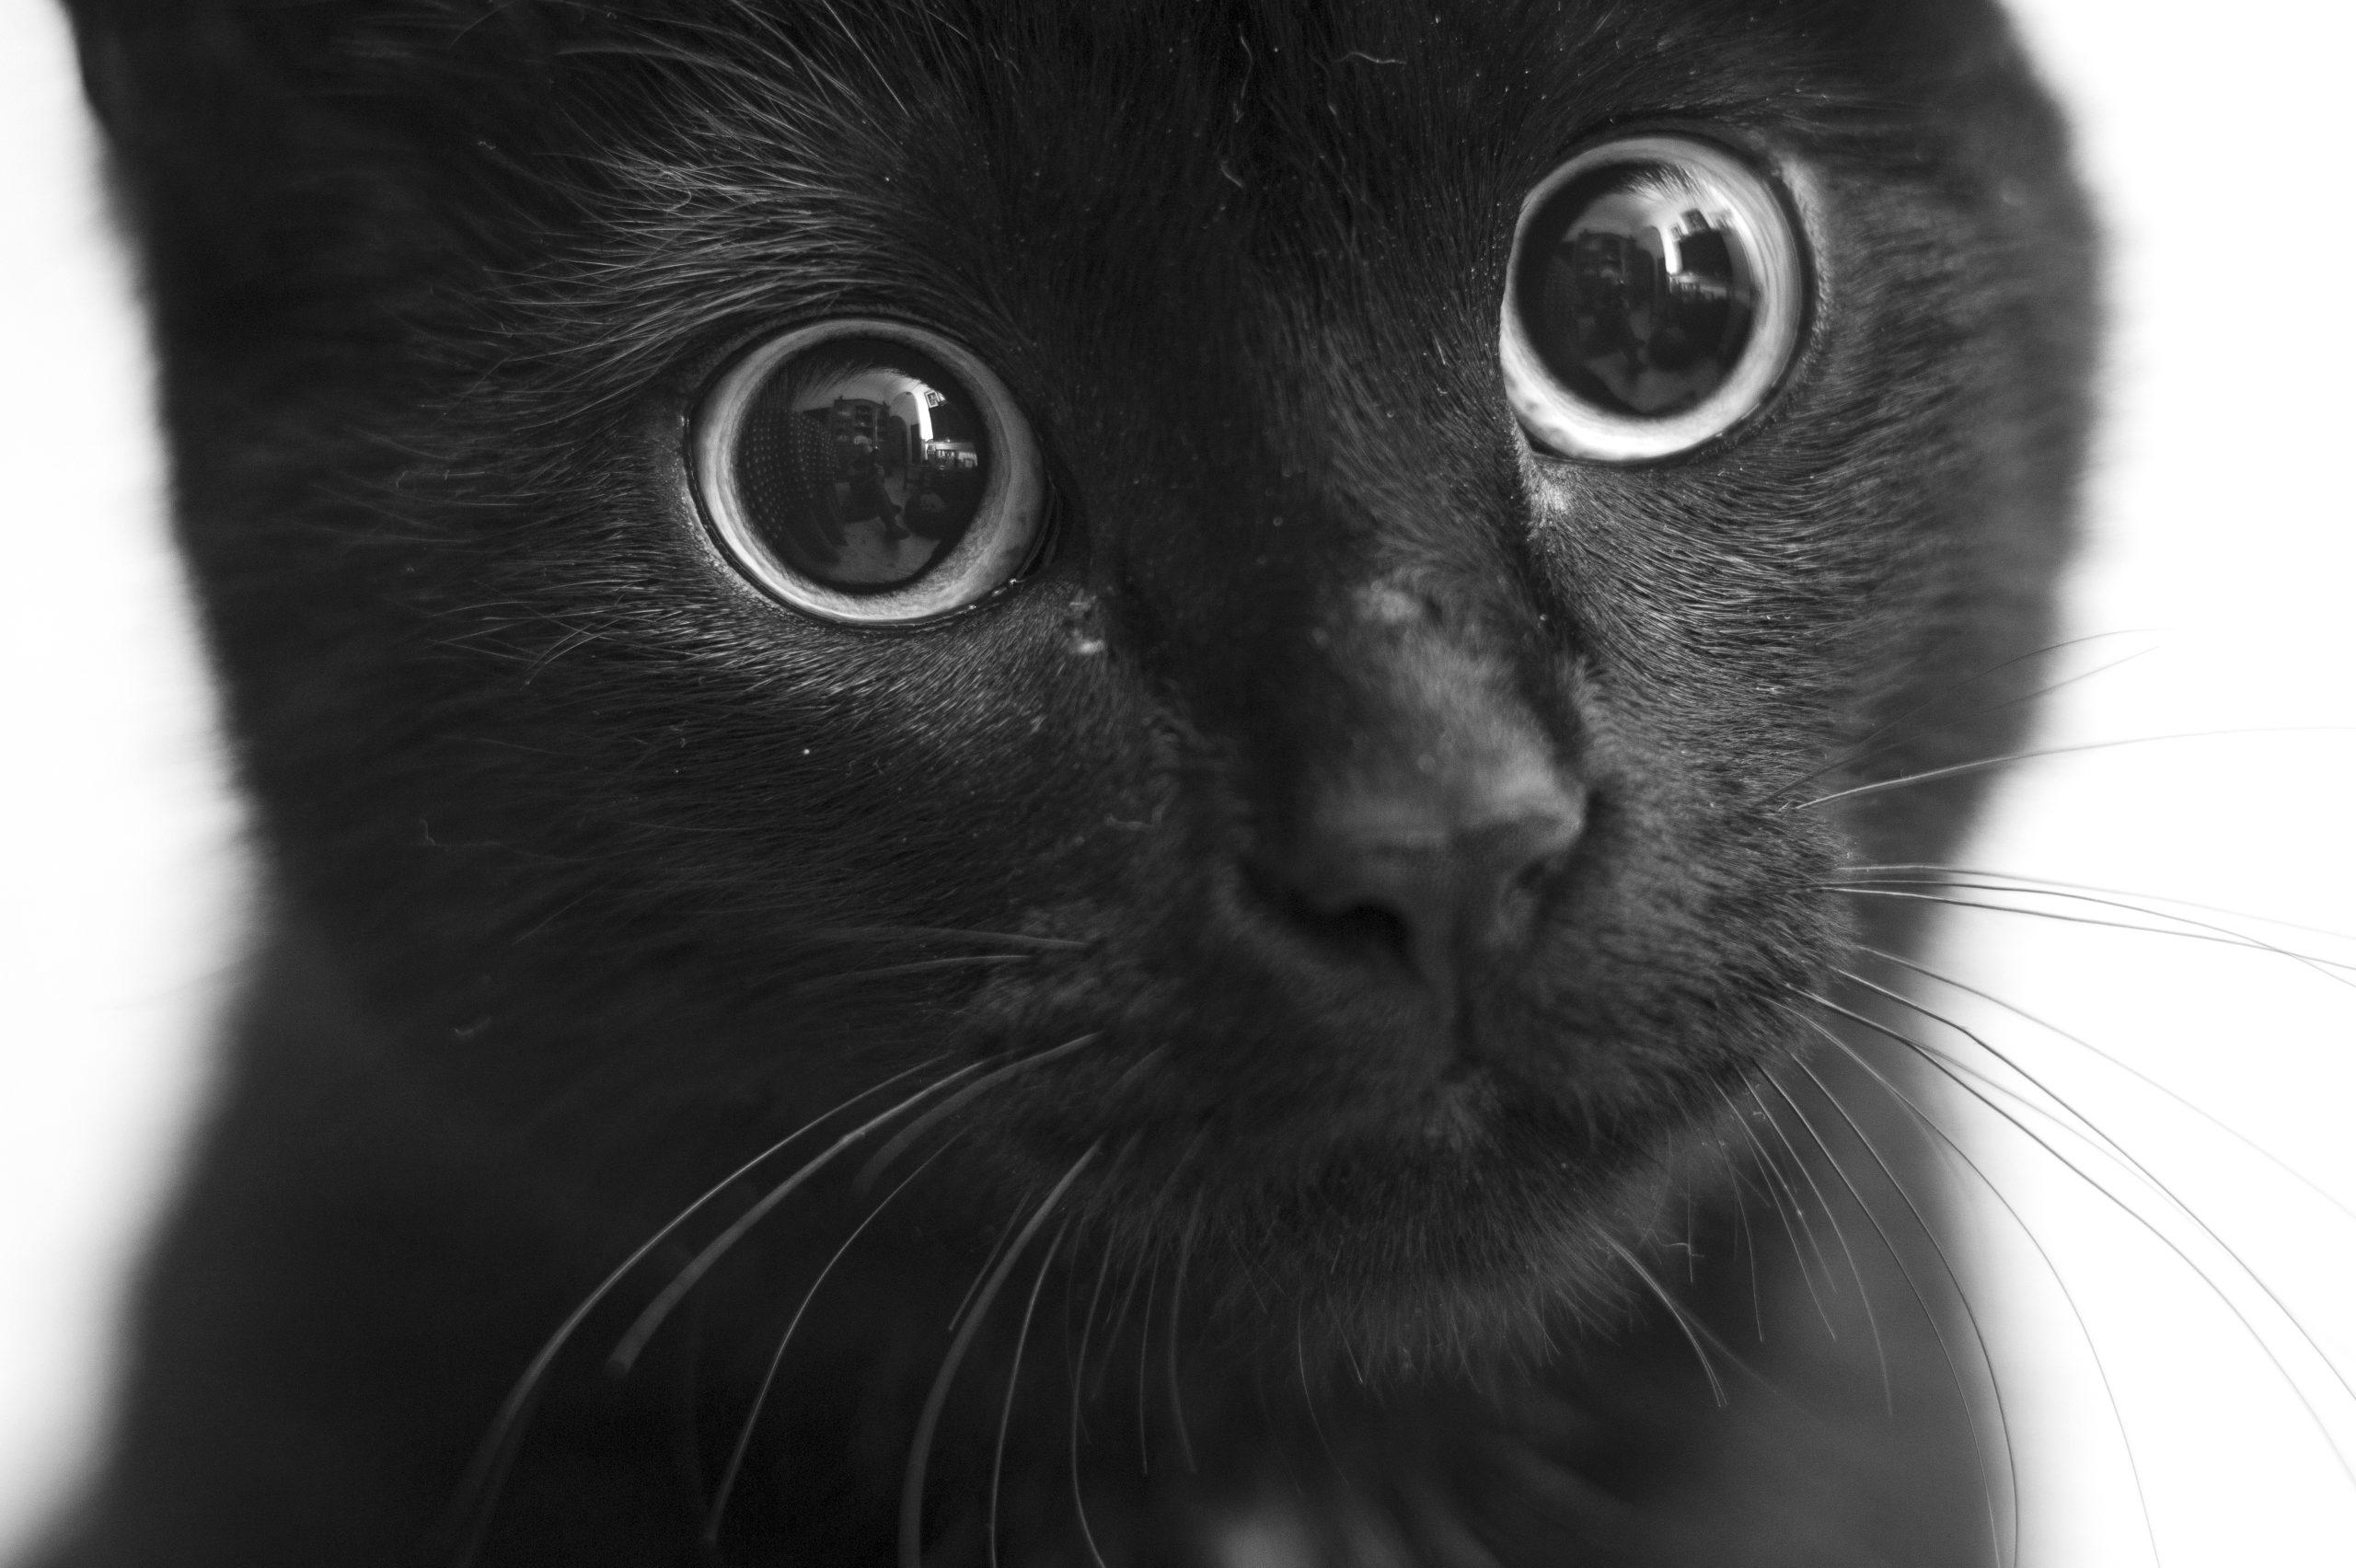 猫の目が変化する5つの理由【子猫の時と成猫の時は違う目の色】